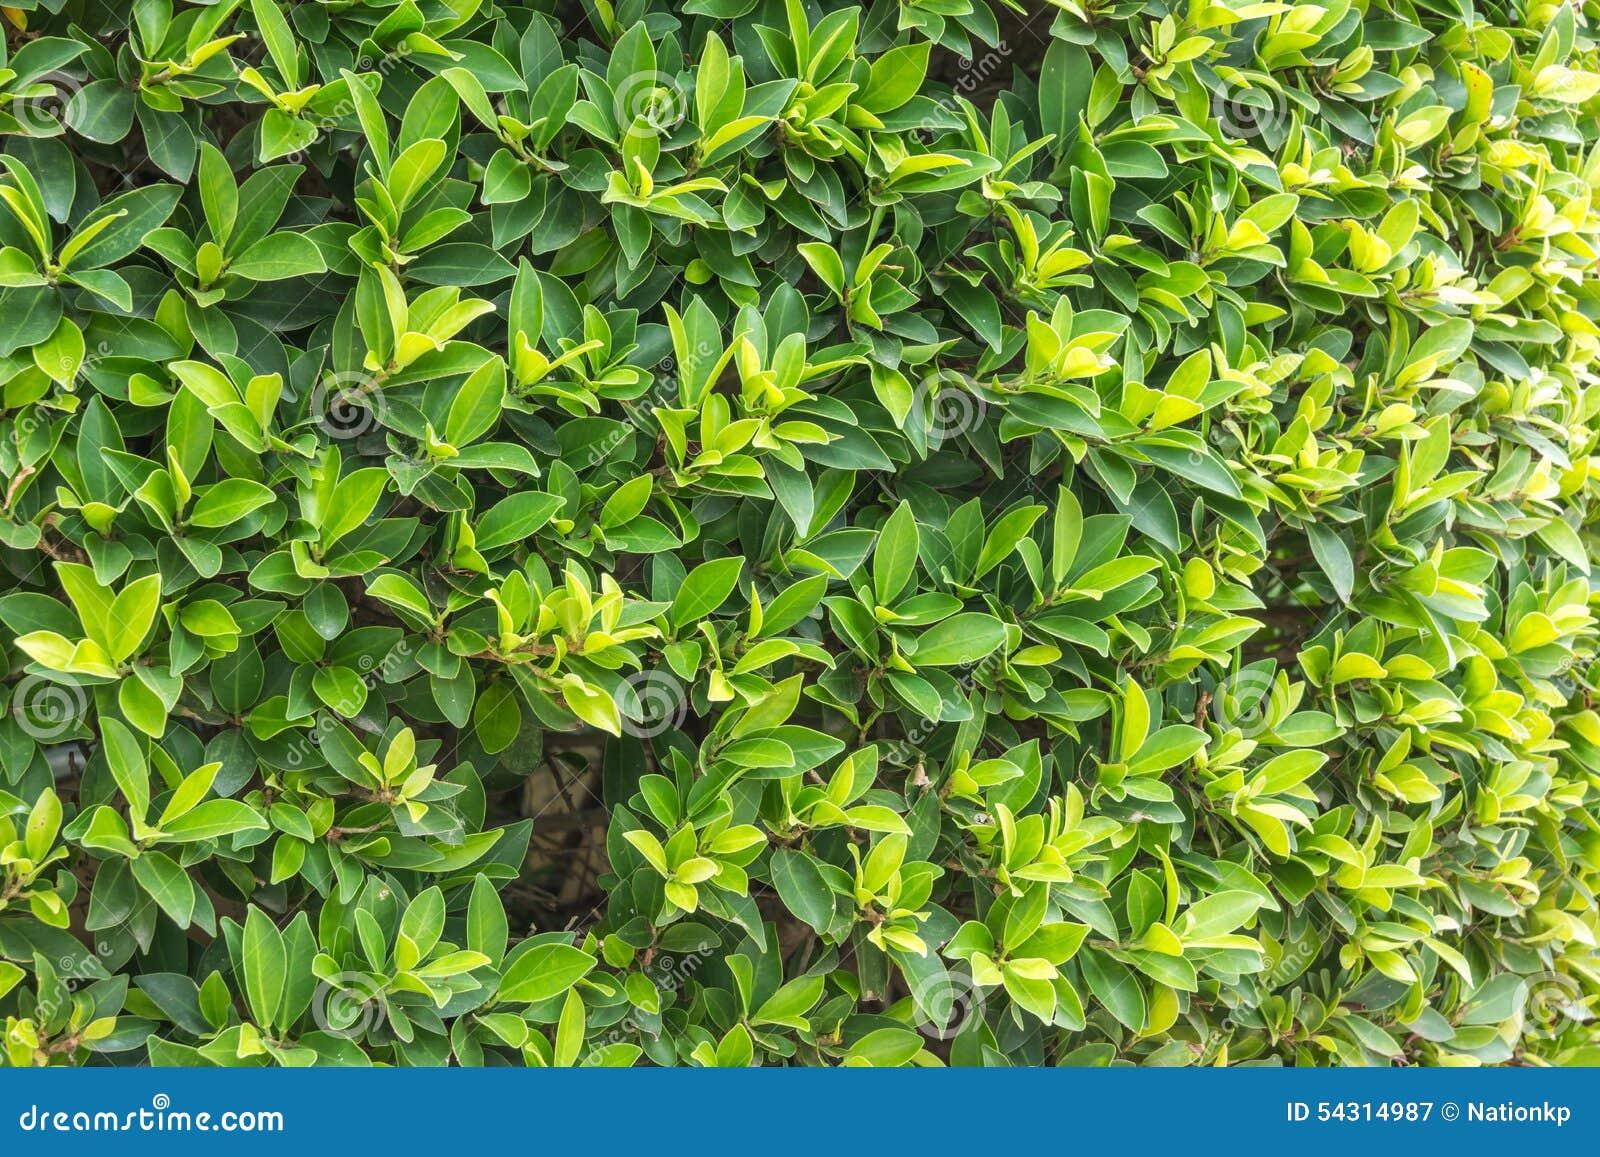 Arbustos ornamentales arbustos de la pared imagen de for Arbustos ornamentales de exterior